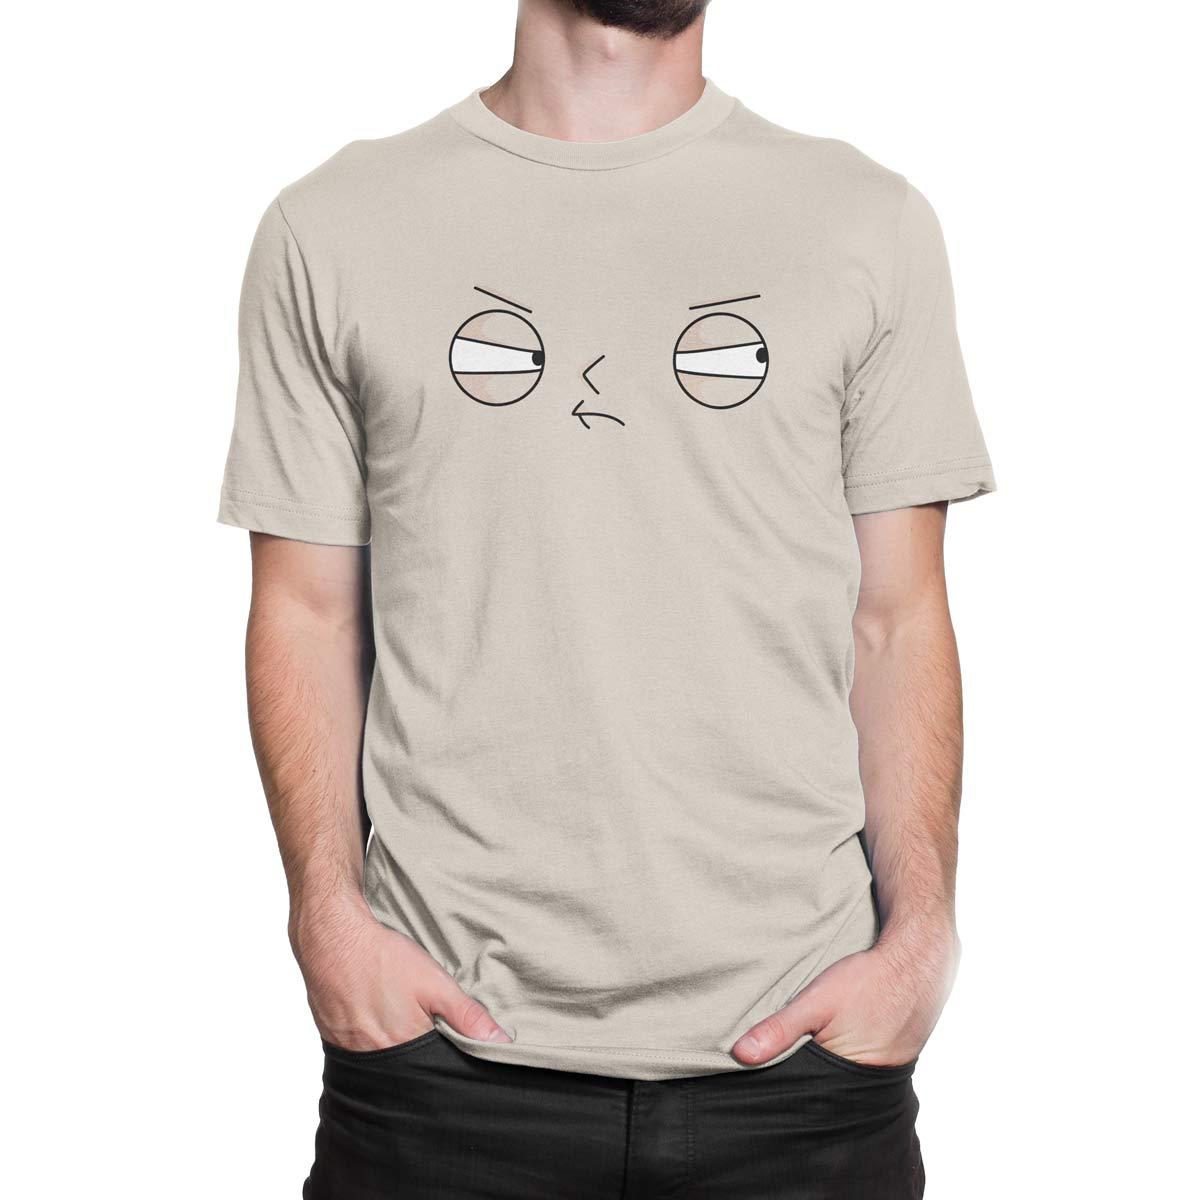 unisex clothing for men